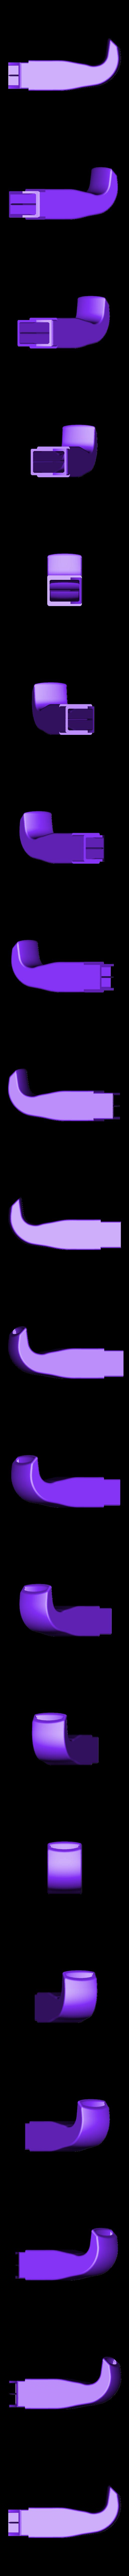 double_barrel_duct.stl Télécharger fichier STL gratuit conduit à double canon • Modèle à imprimer en 3D, hitchabout